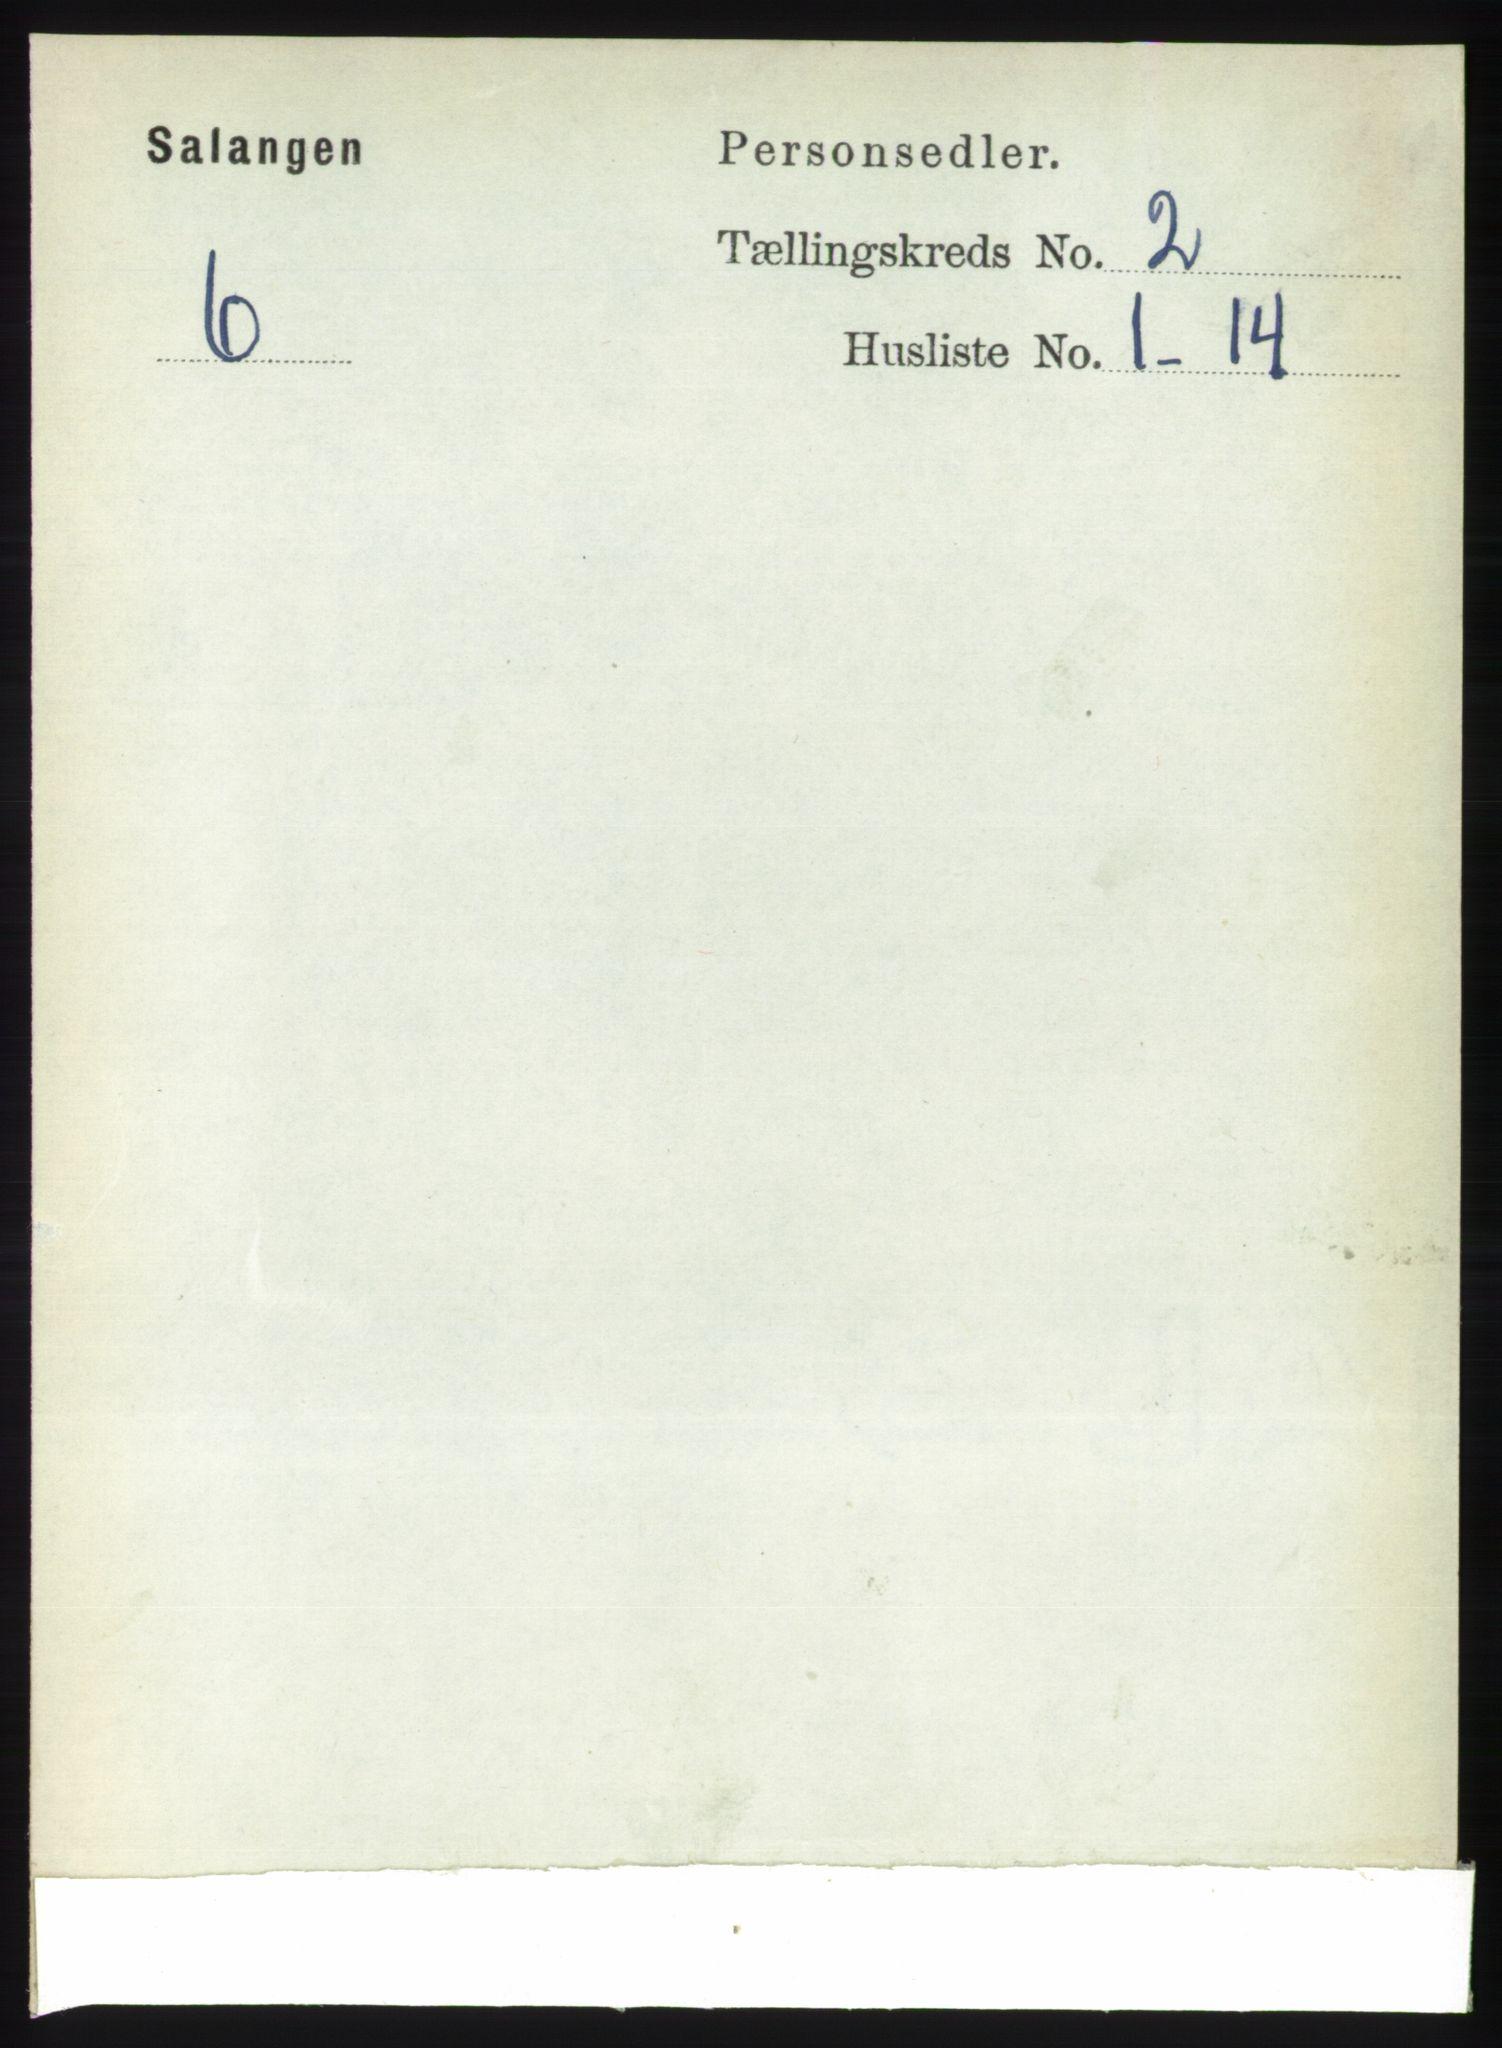 RA, Folketelling 1891 for 1921 Salangen herred, 1891, s. 552